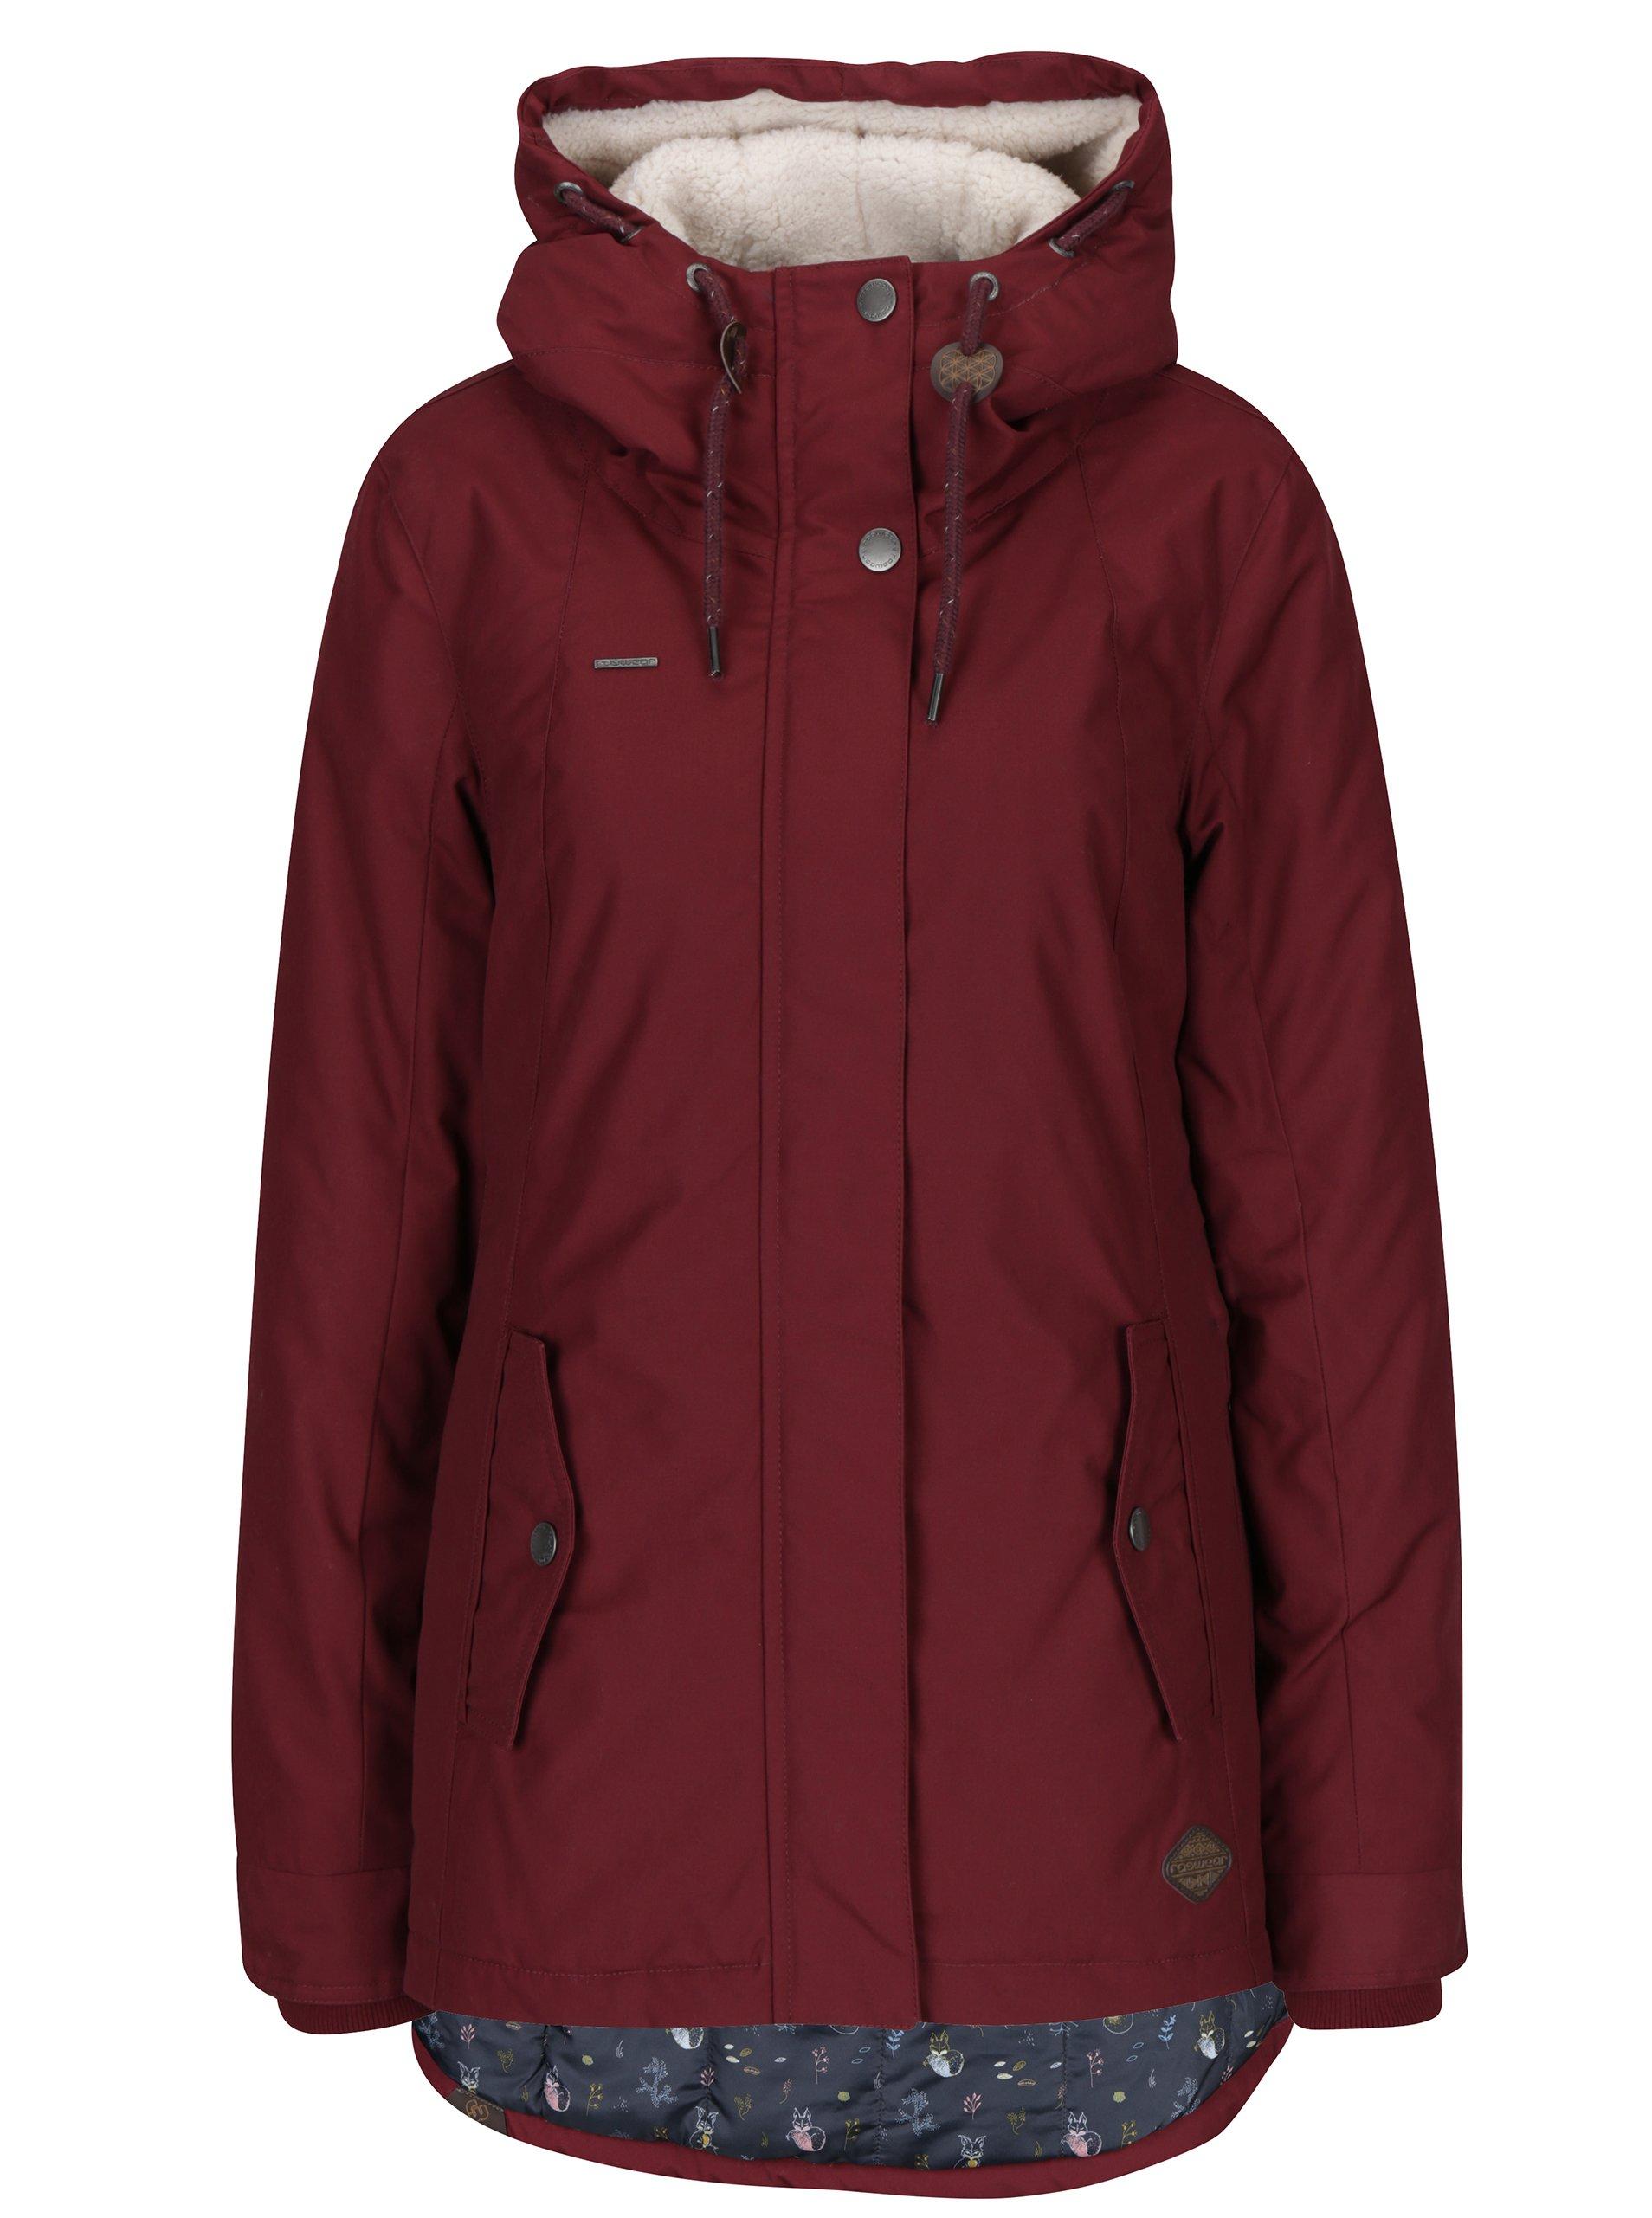 Vínová dámská bunda s kapucí s umělým kožíškem Ragwear Monade